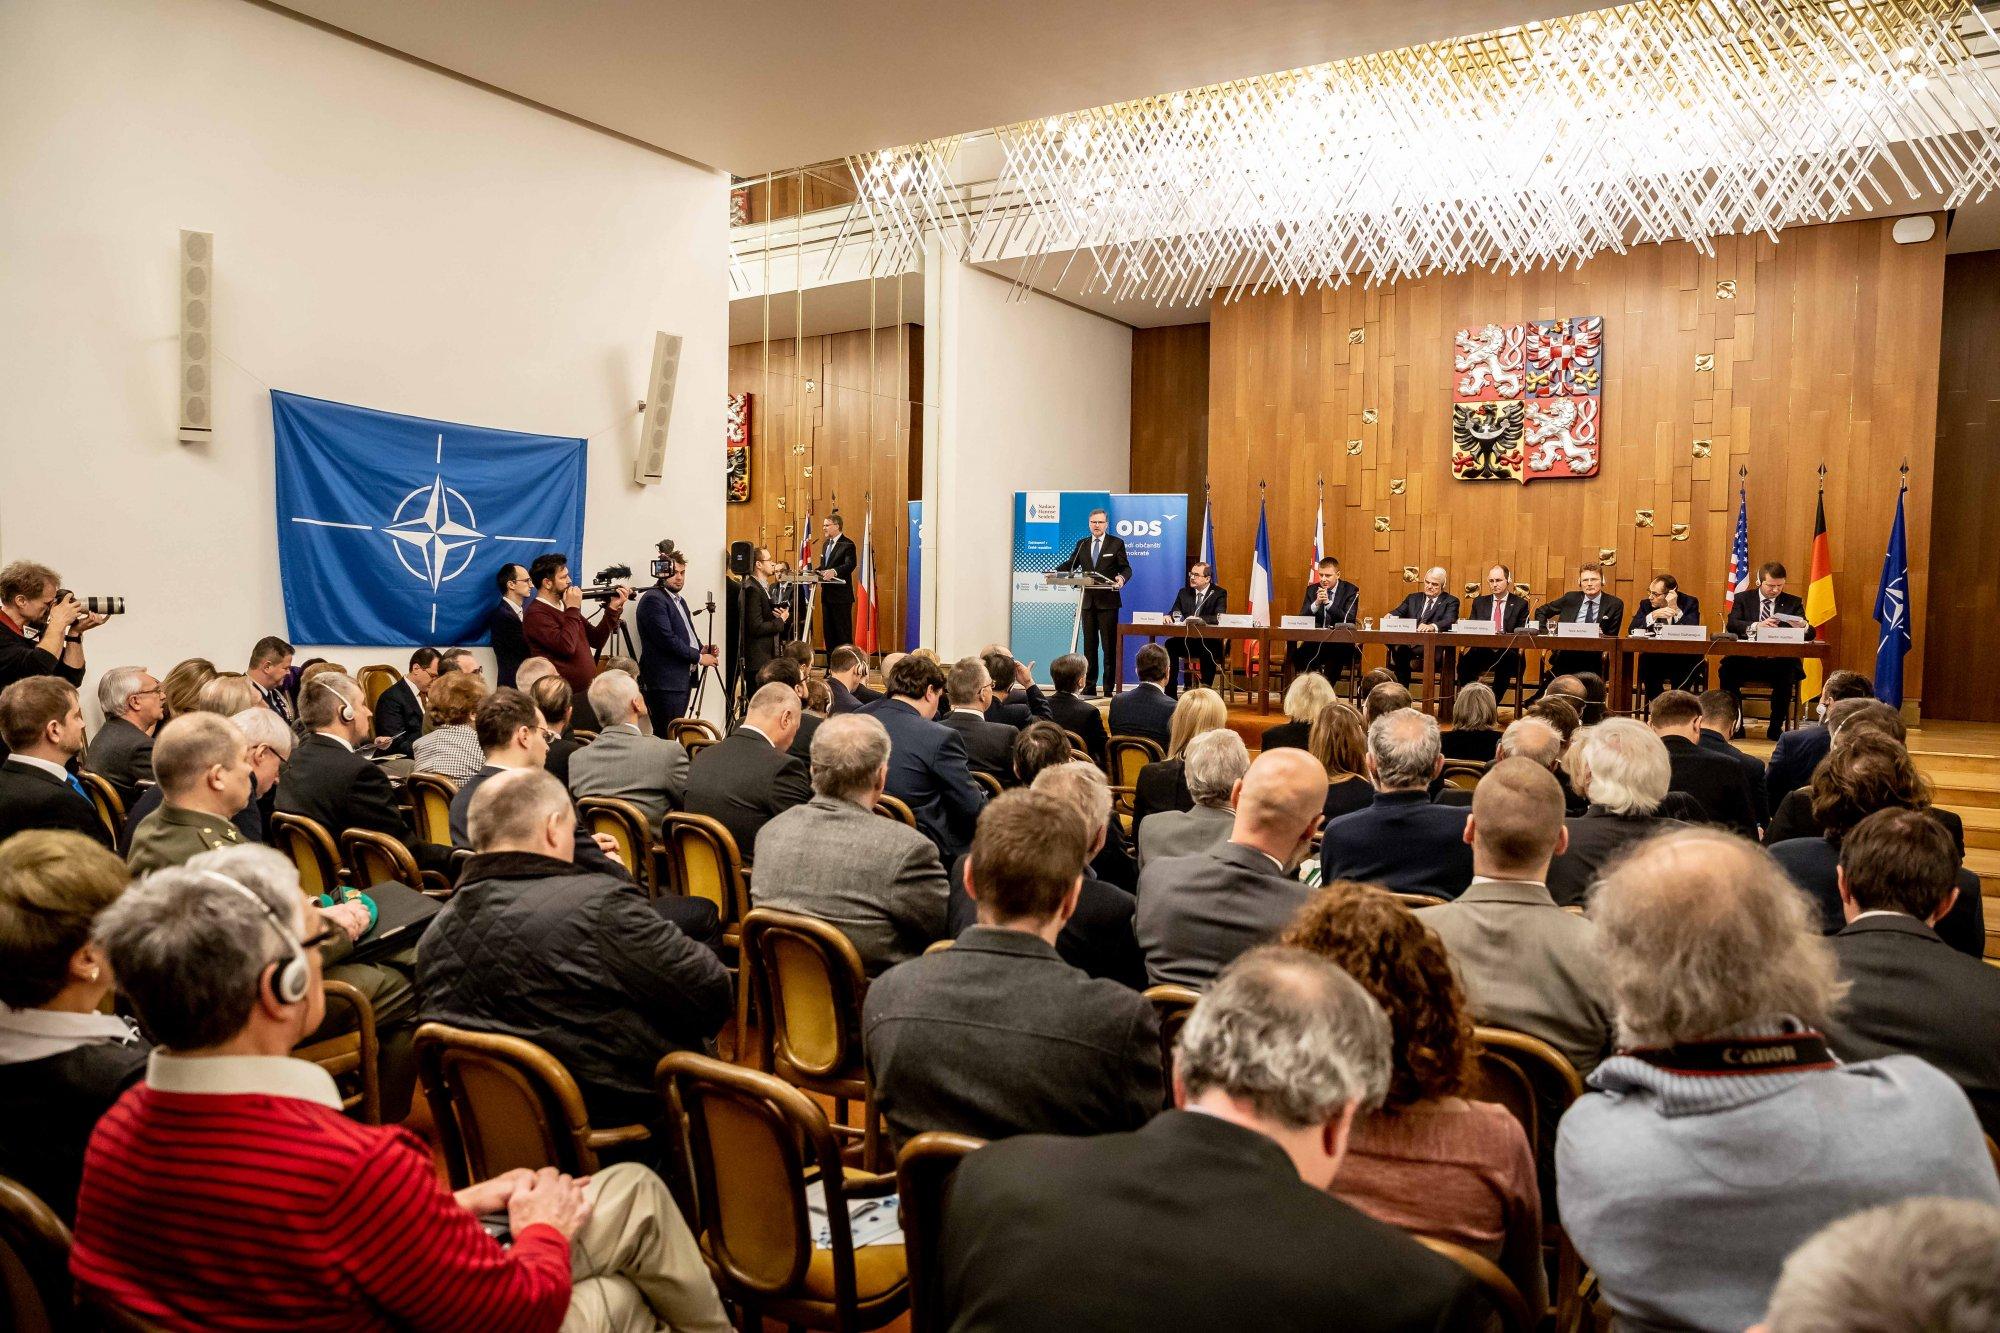 ODS: NATO dává ČR bezpečnostní záruky, o kterých se našim předkům ani nezdálo. Musíme dostát svým závazkům a navýšit výdaje na obranu na 2 % HDP